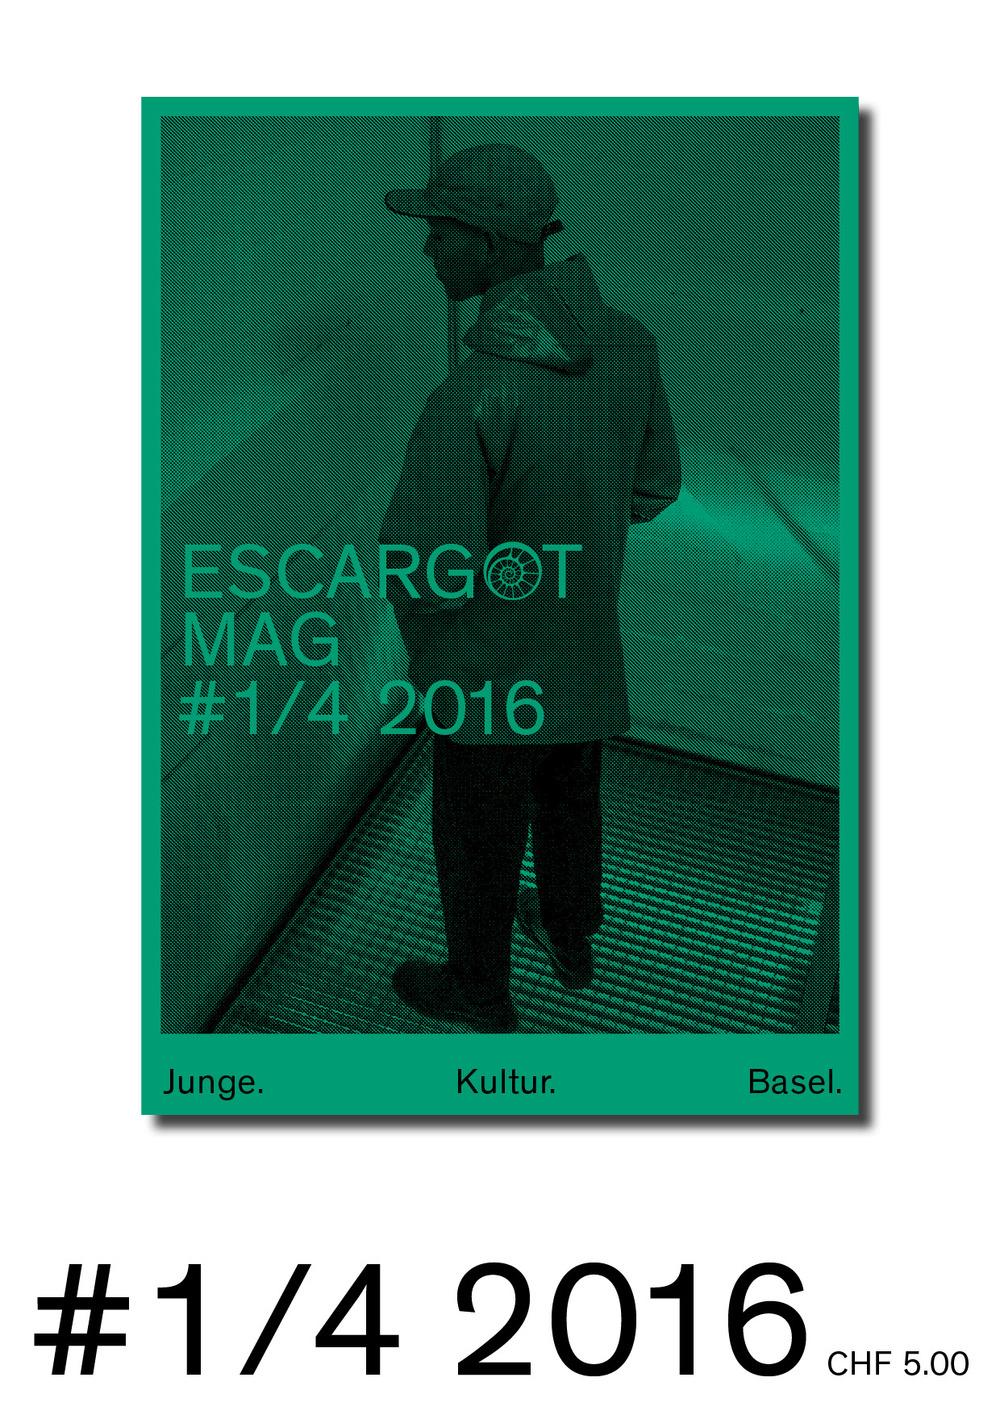 Escargot MAG #1/4 2016